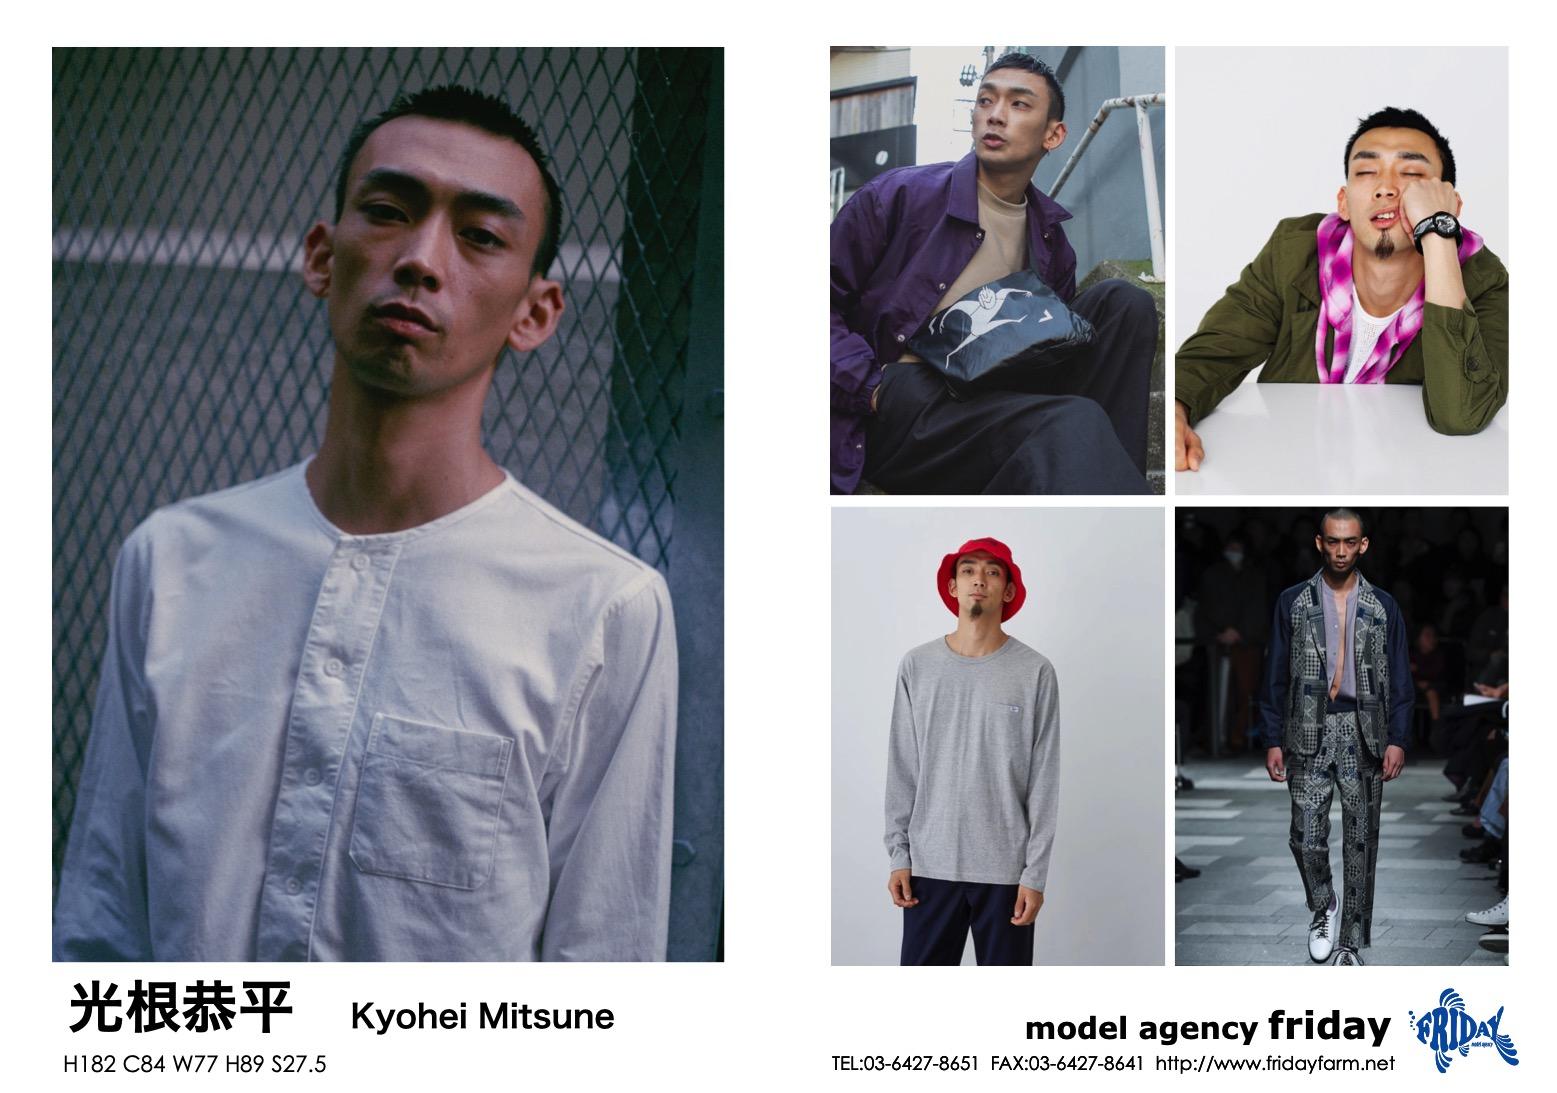 光根 恭平 - Kyohei Mitsune | model agency friday